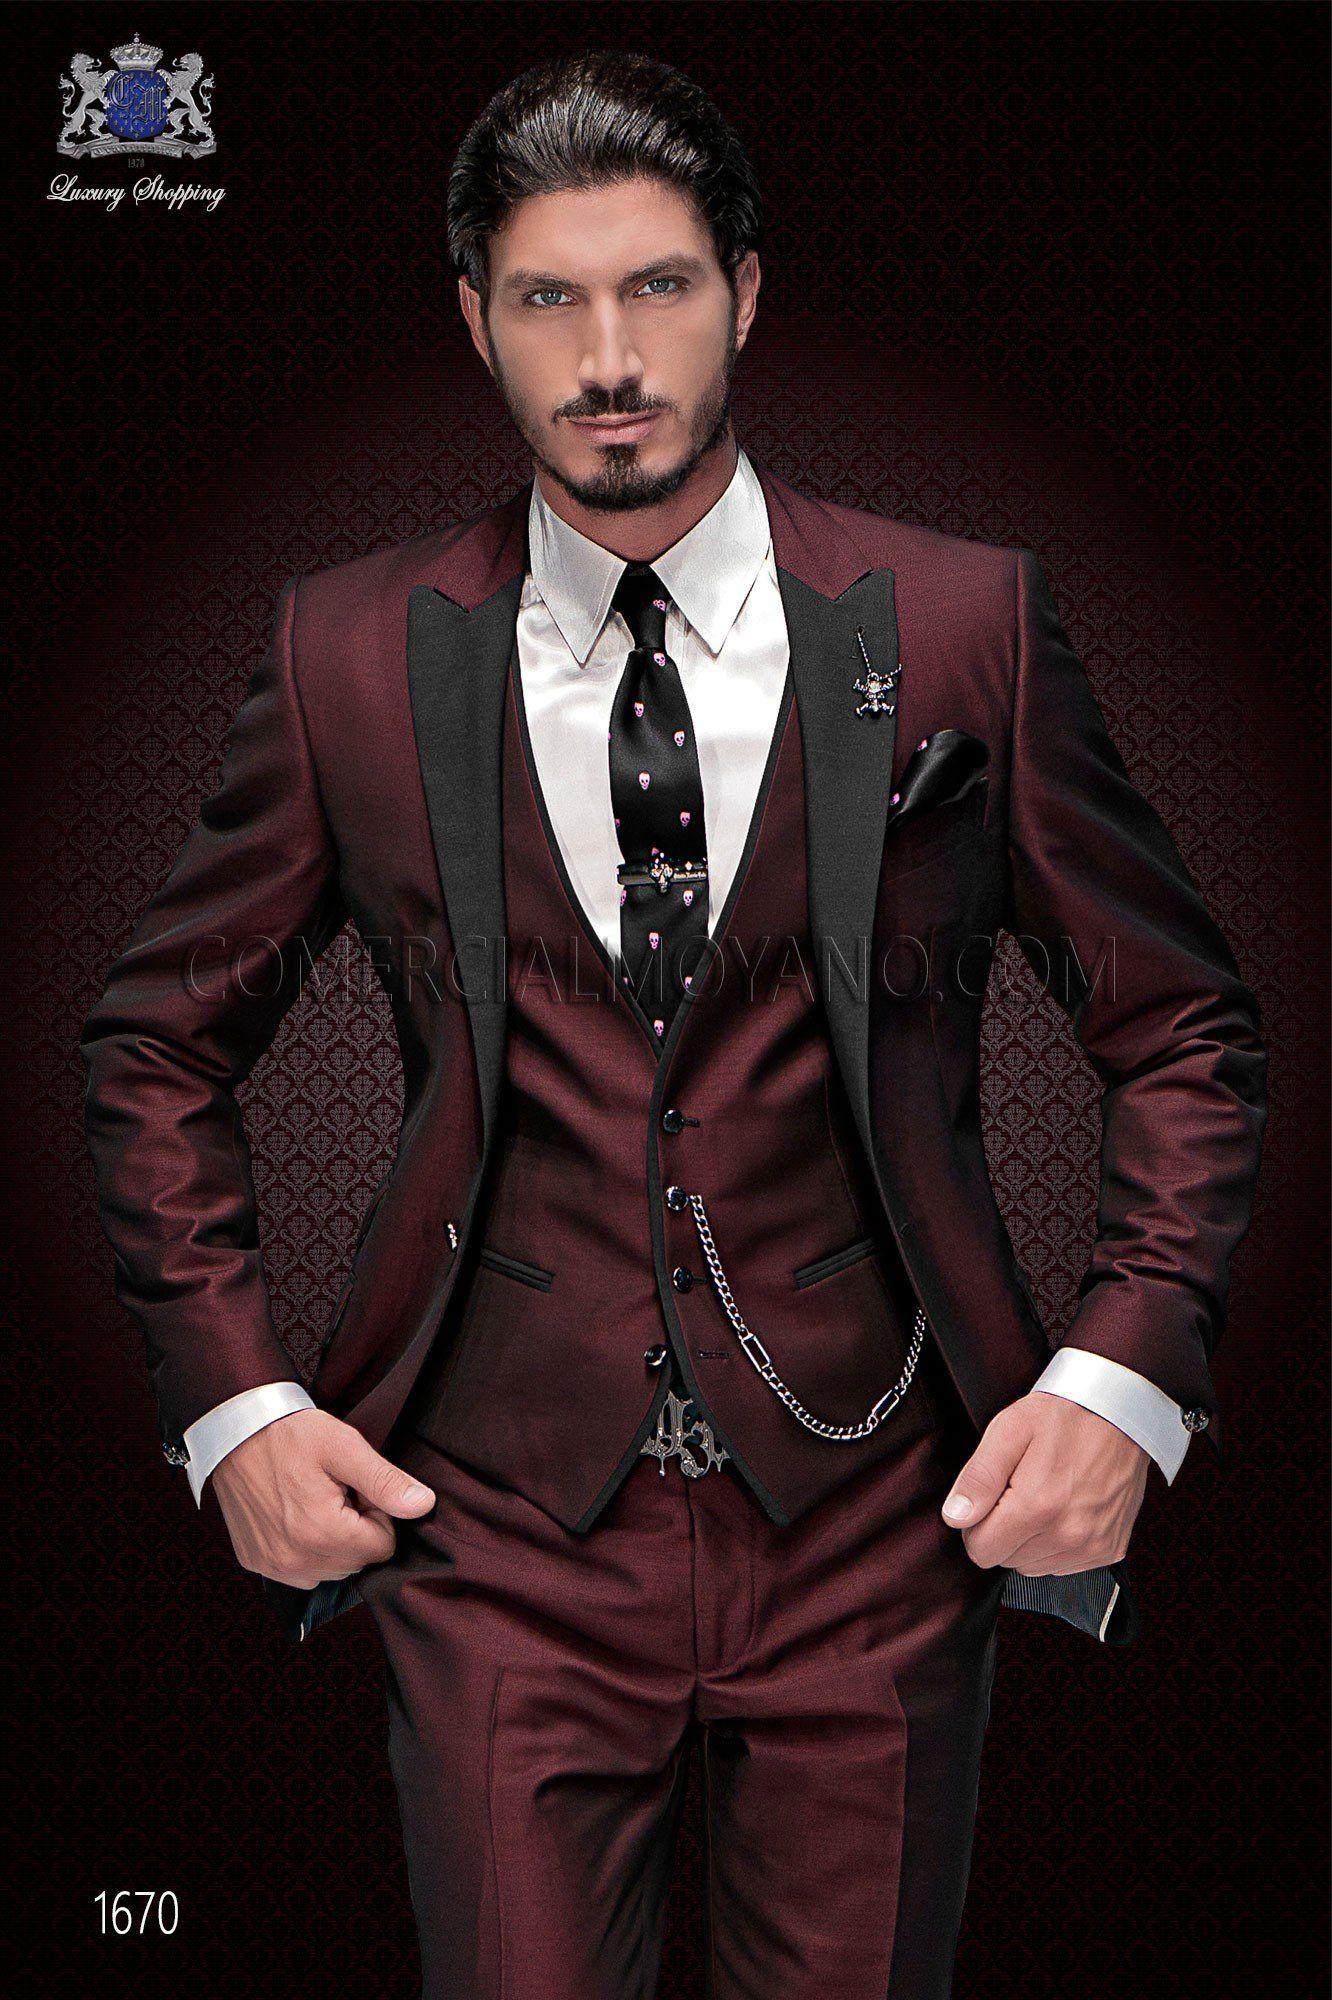 Traje de novio italiano de moda. Traje de moda rojo de 1 botón y exclusivo  corte italiano. Traje rojo colección emotion 1670 Ottavio Nuccio Gala b517498c3f06